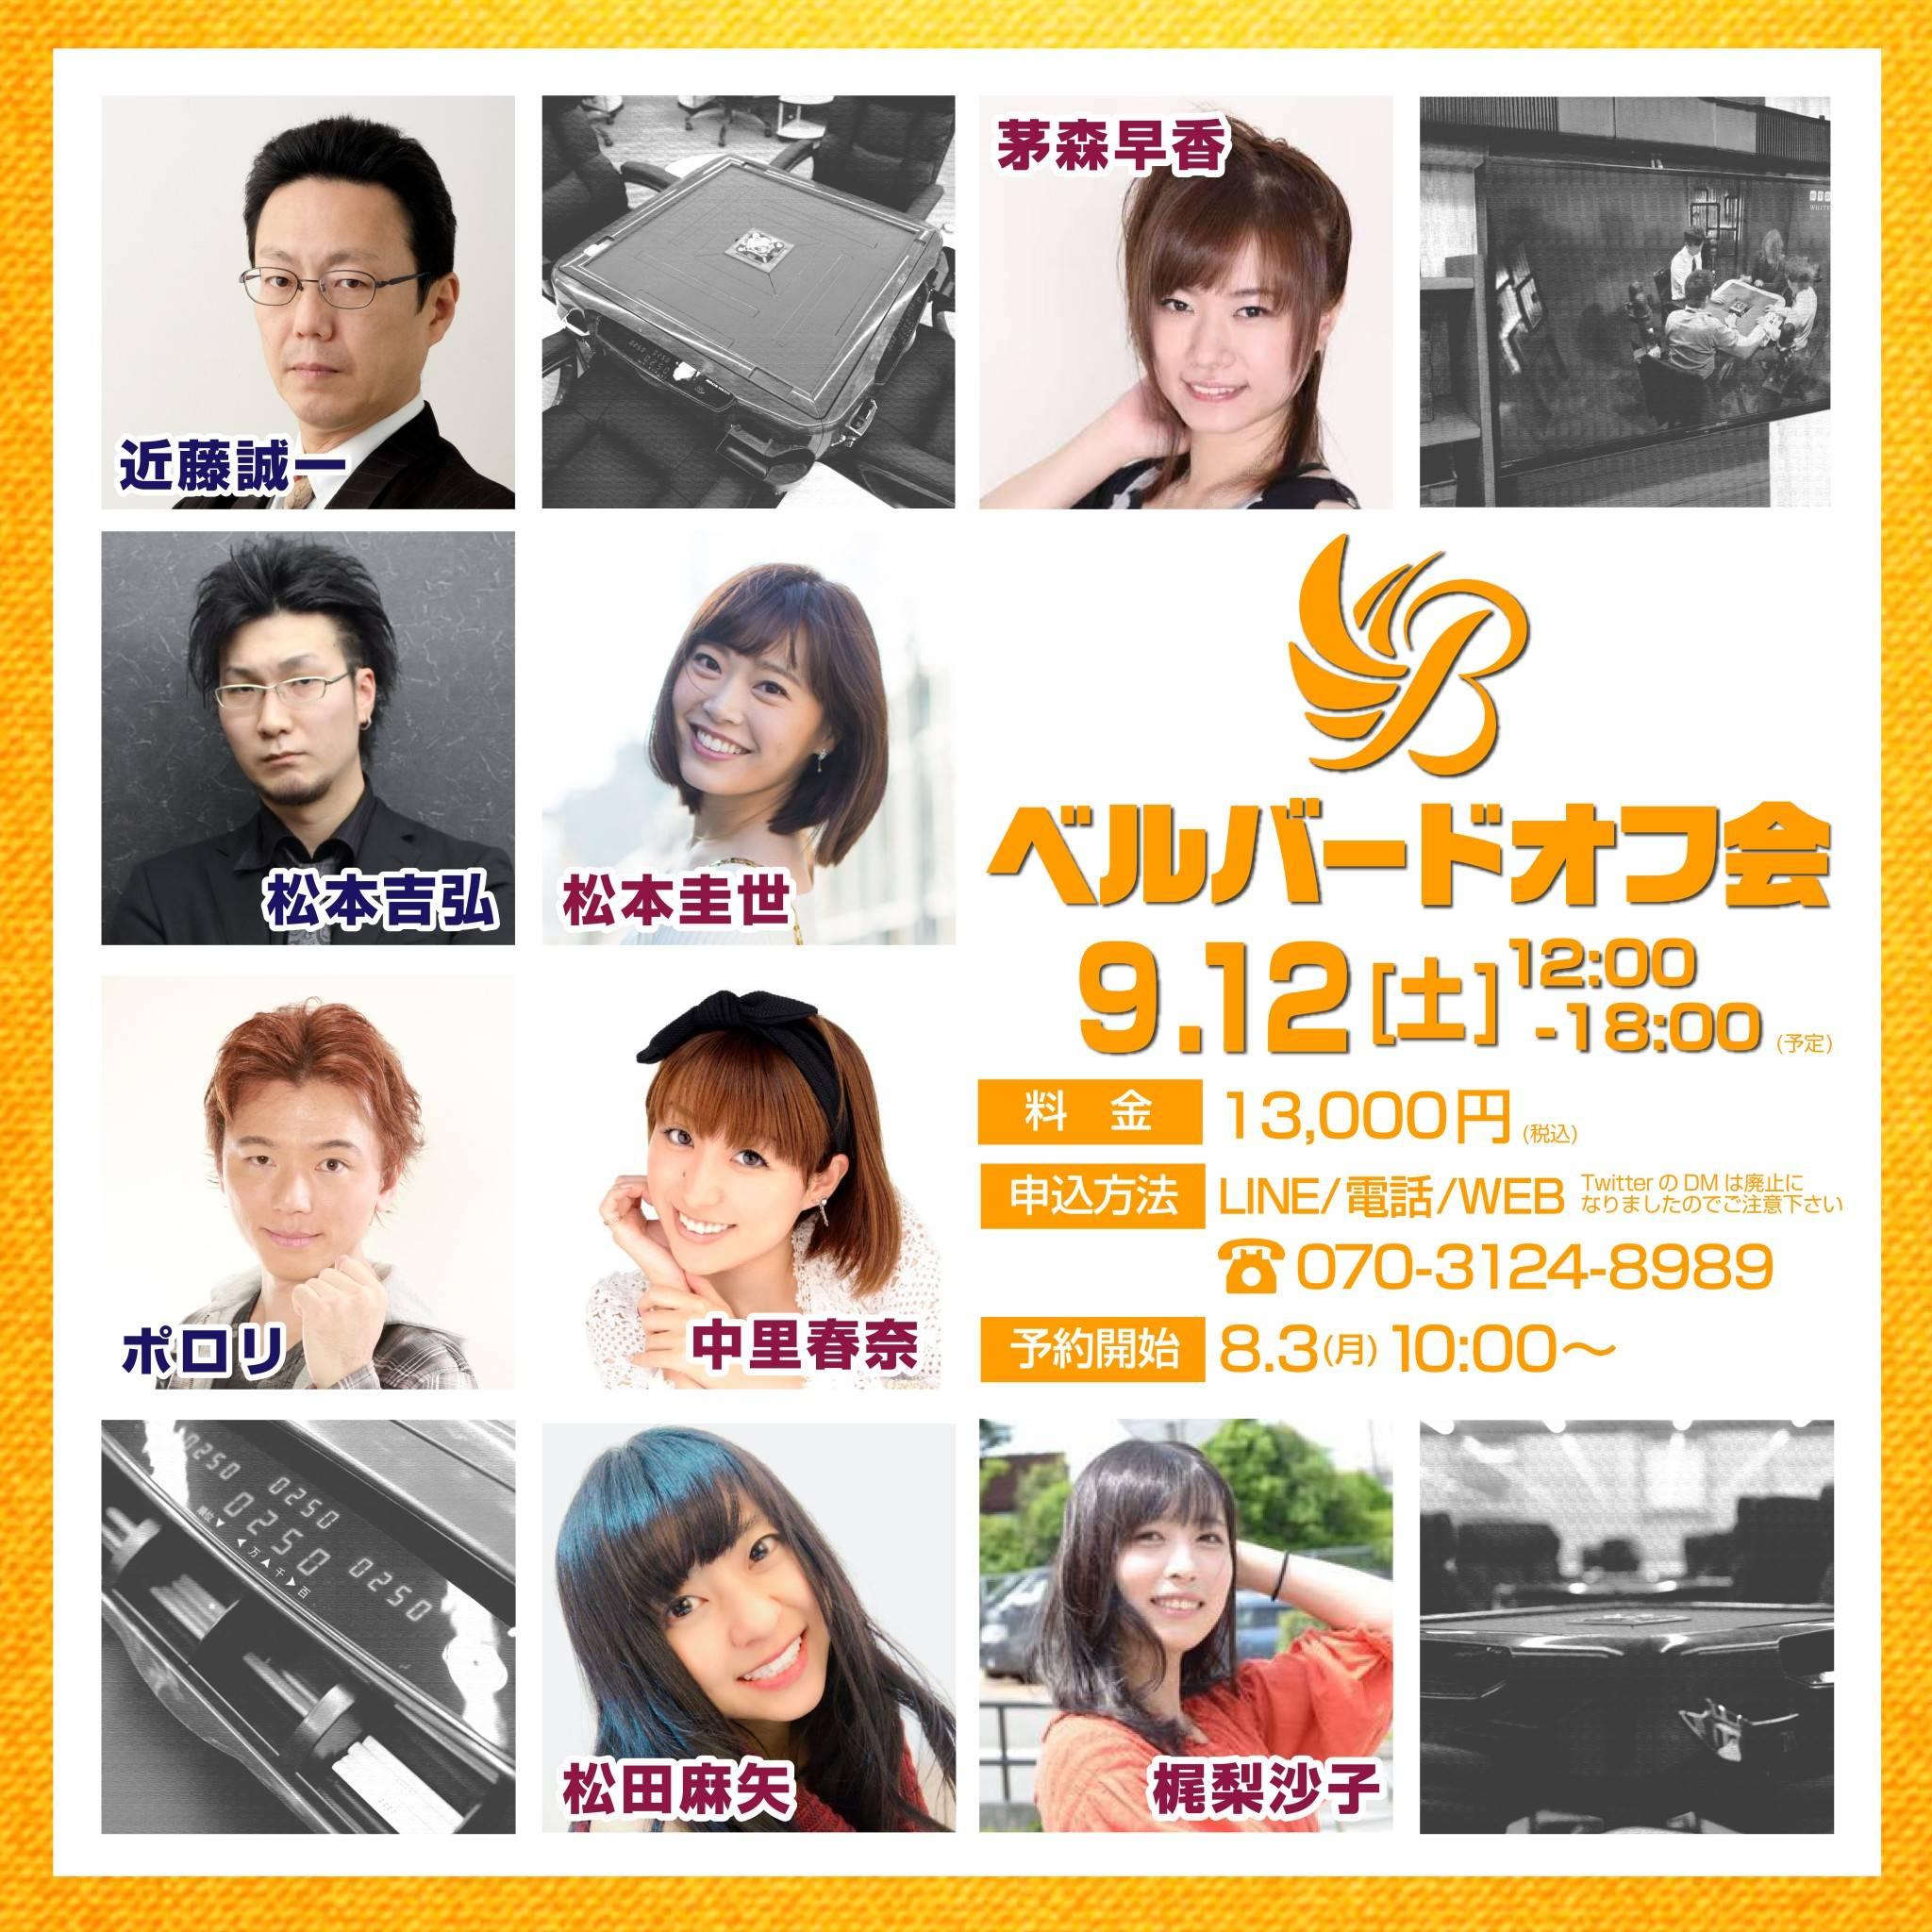 【オフ会】9月12日オフ会決定